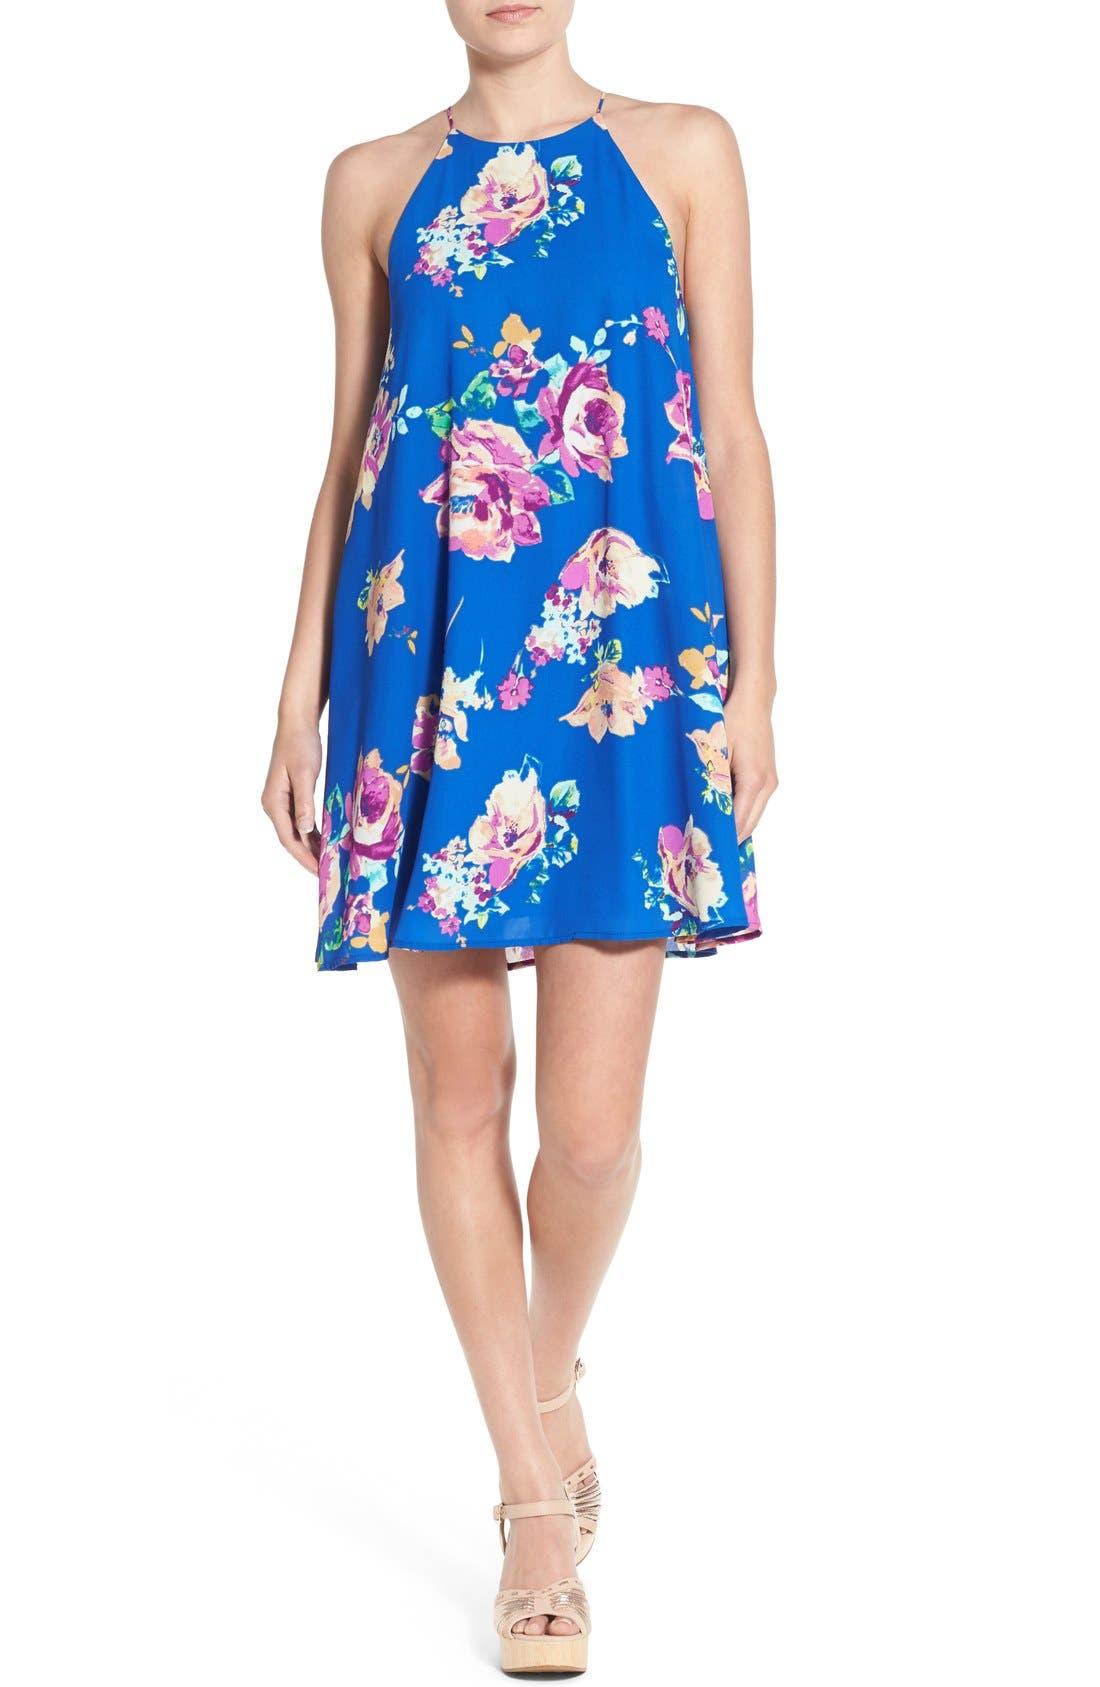 Floral Print High Neck Trapeze Dress,                         Main,                         color, Royal